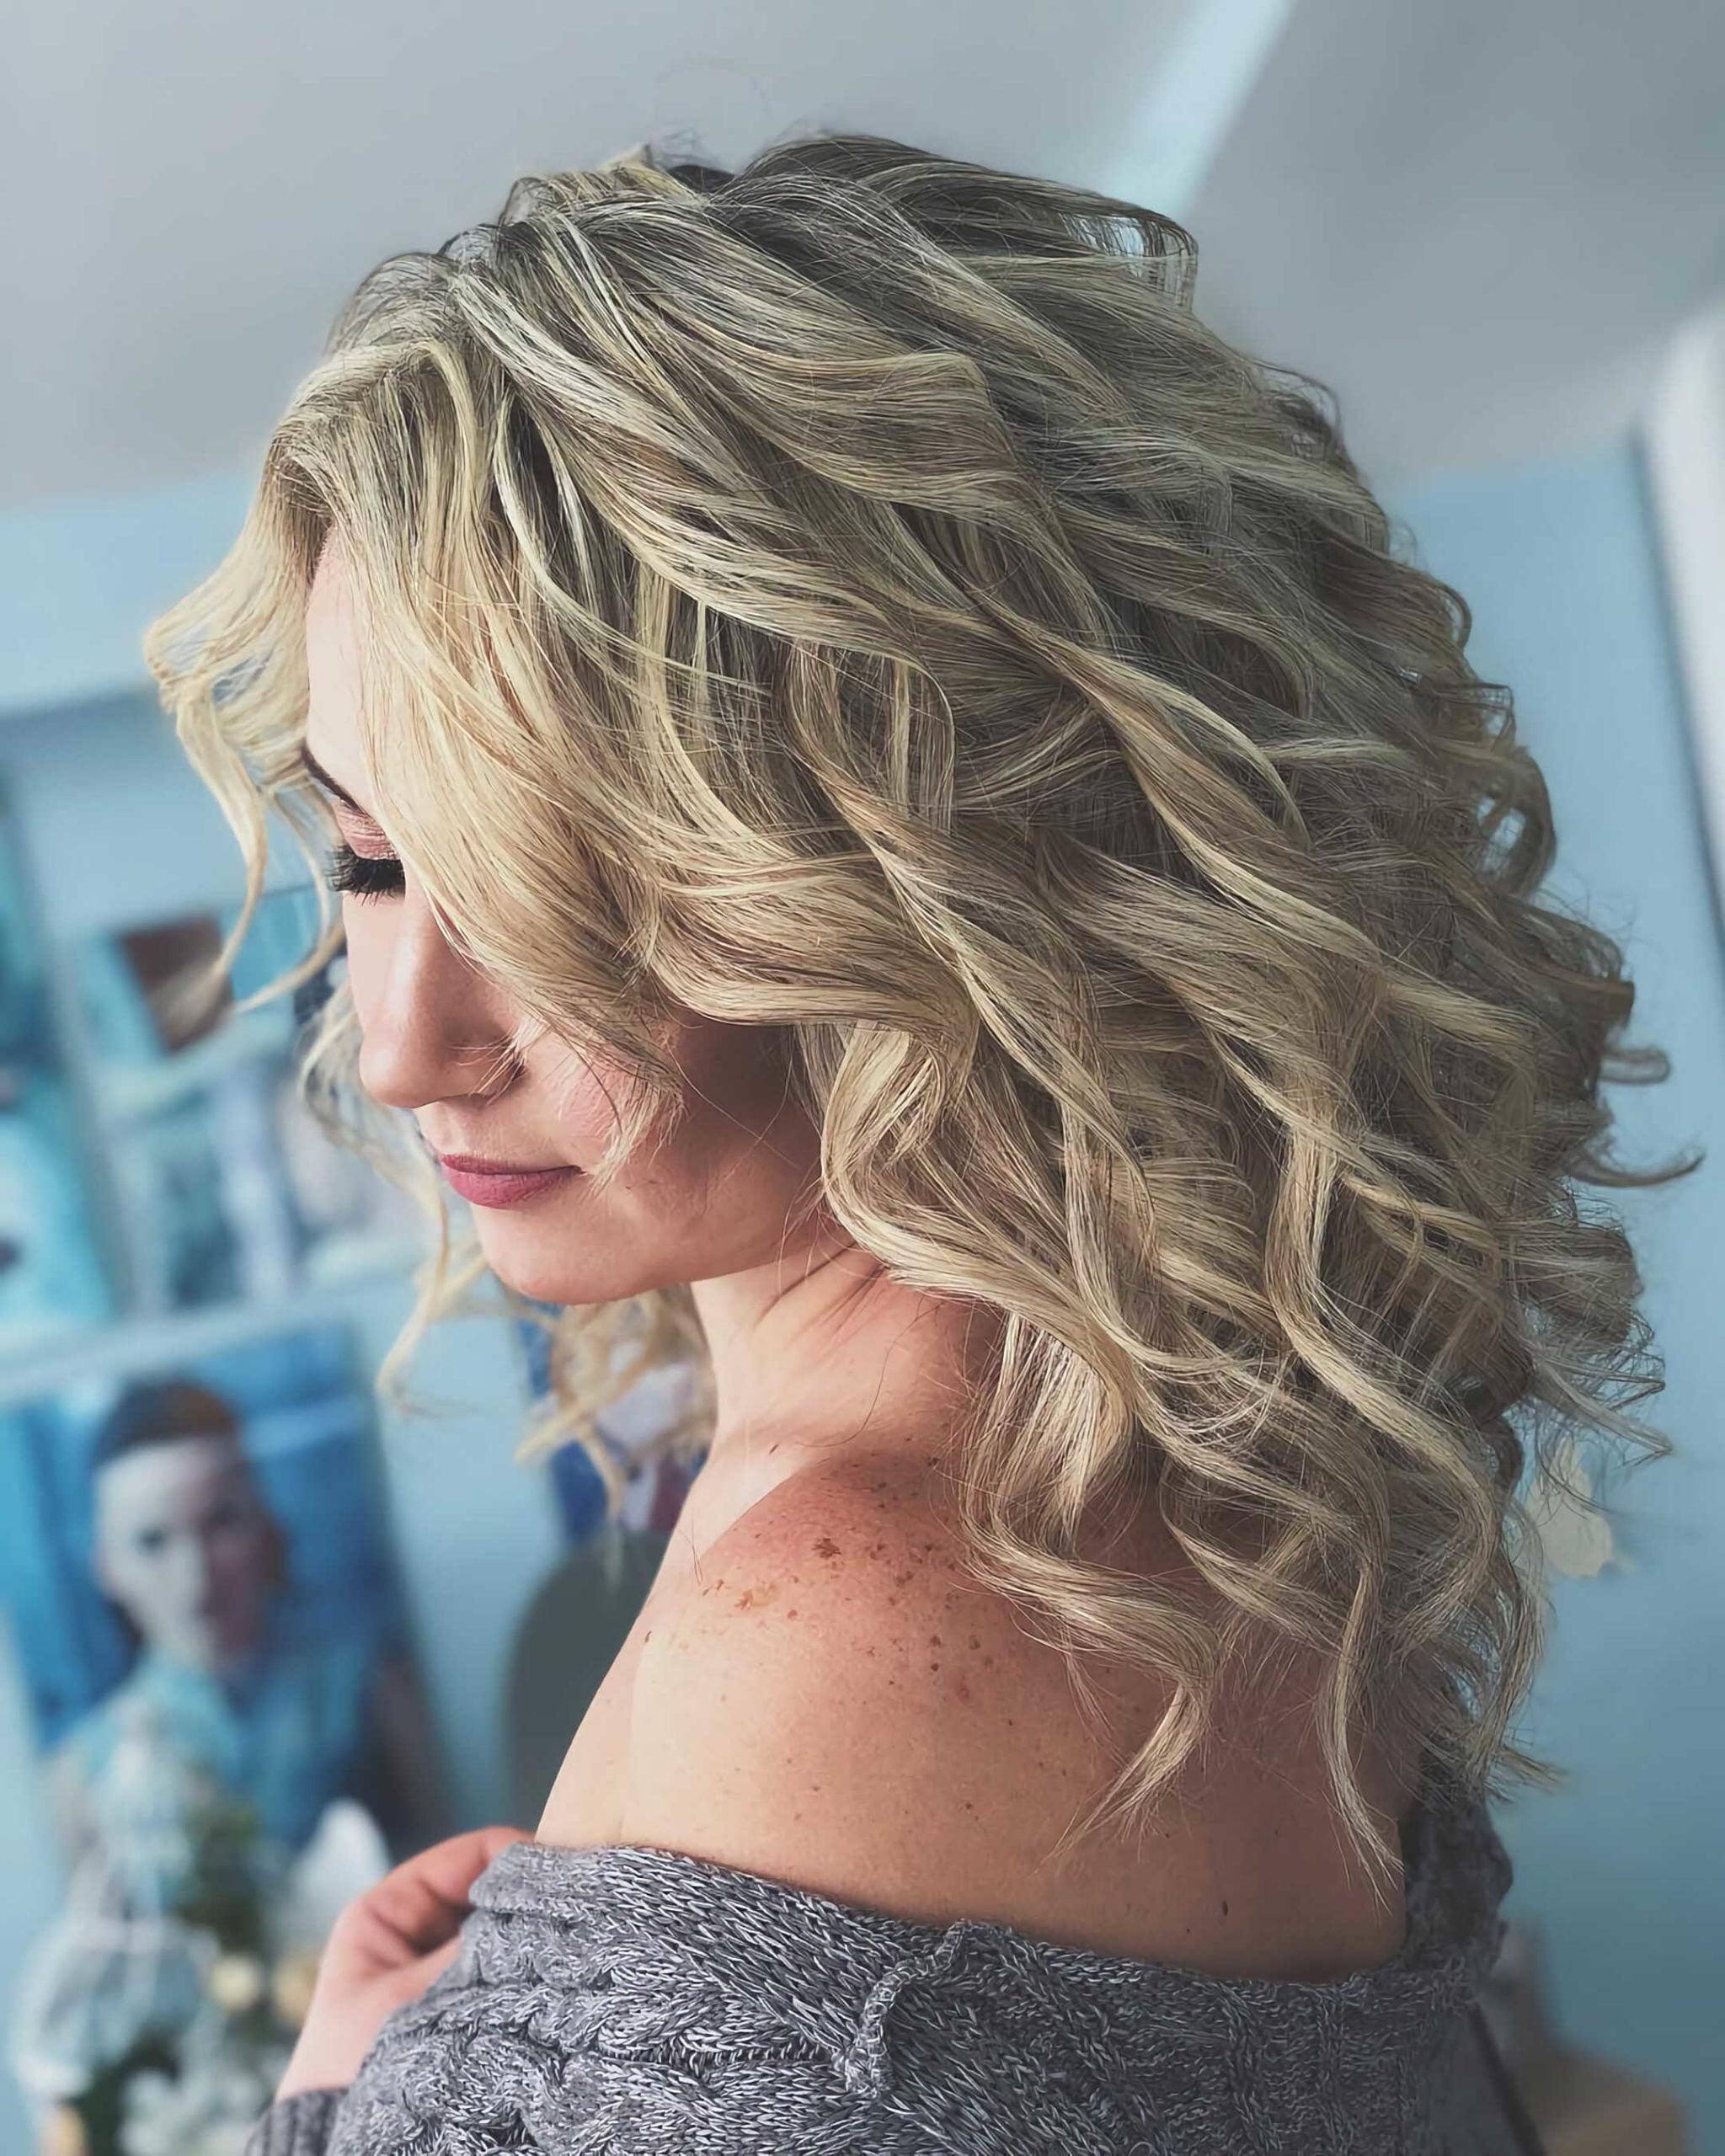 вечерняя прическа с светлыми волнистыми волосами